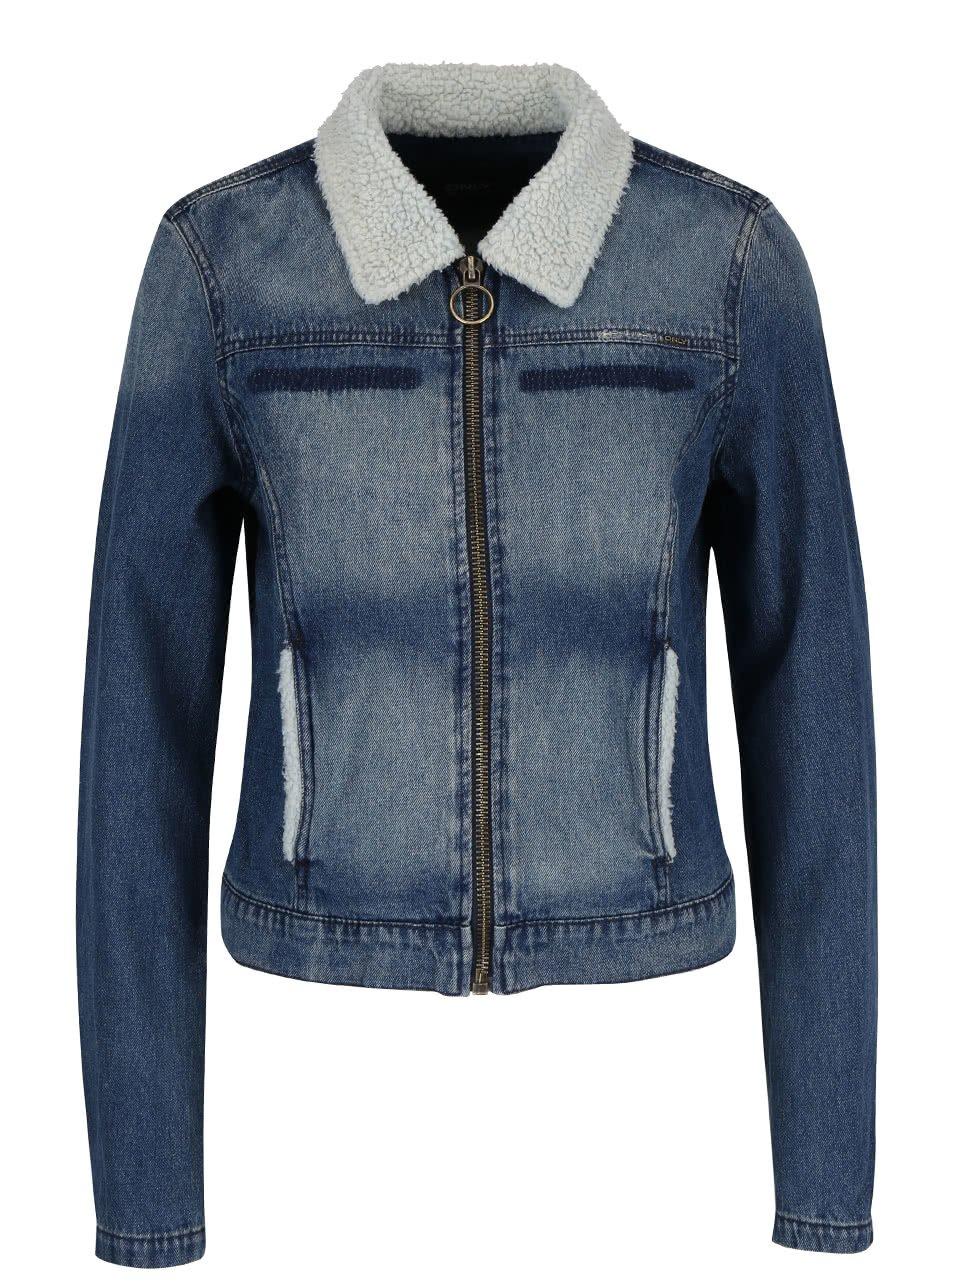 Džínová bunda s límcem z umělé kožešiny ONLY Keyla